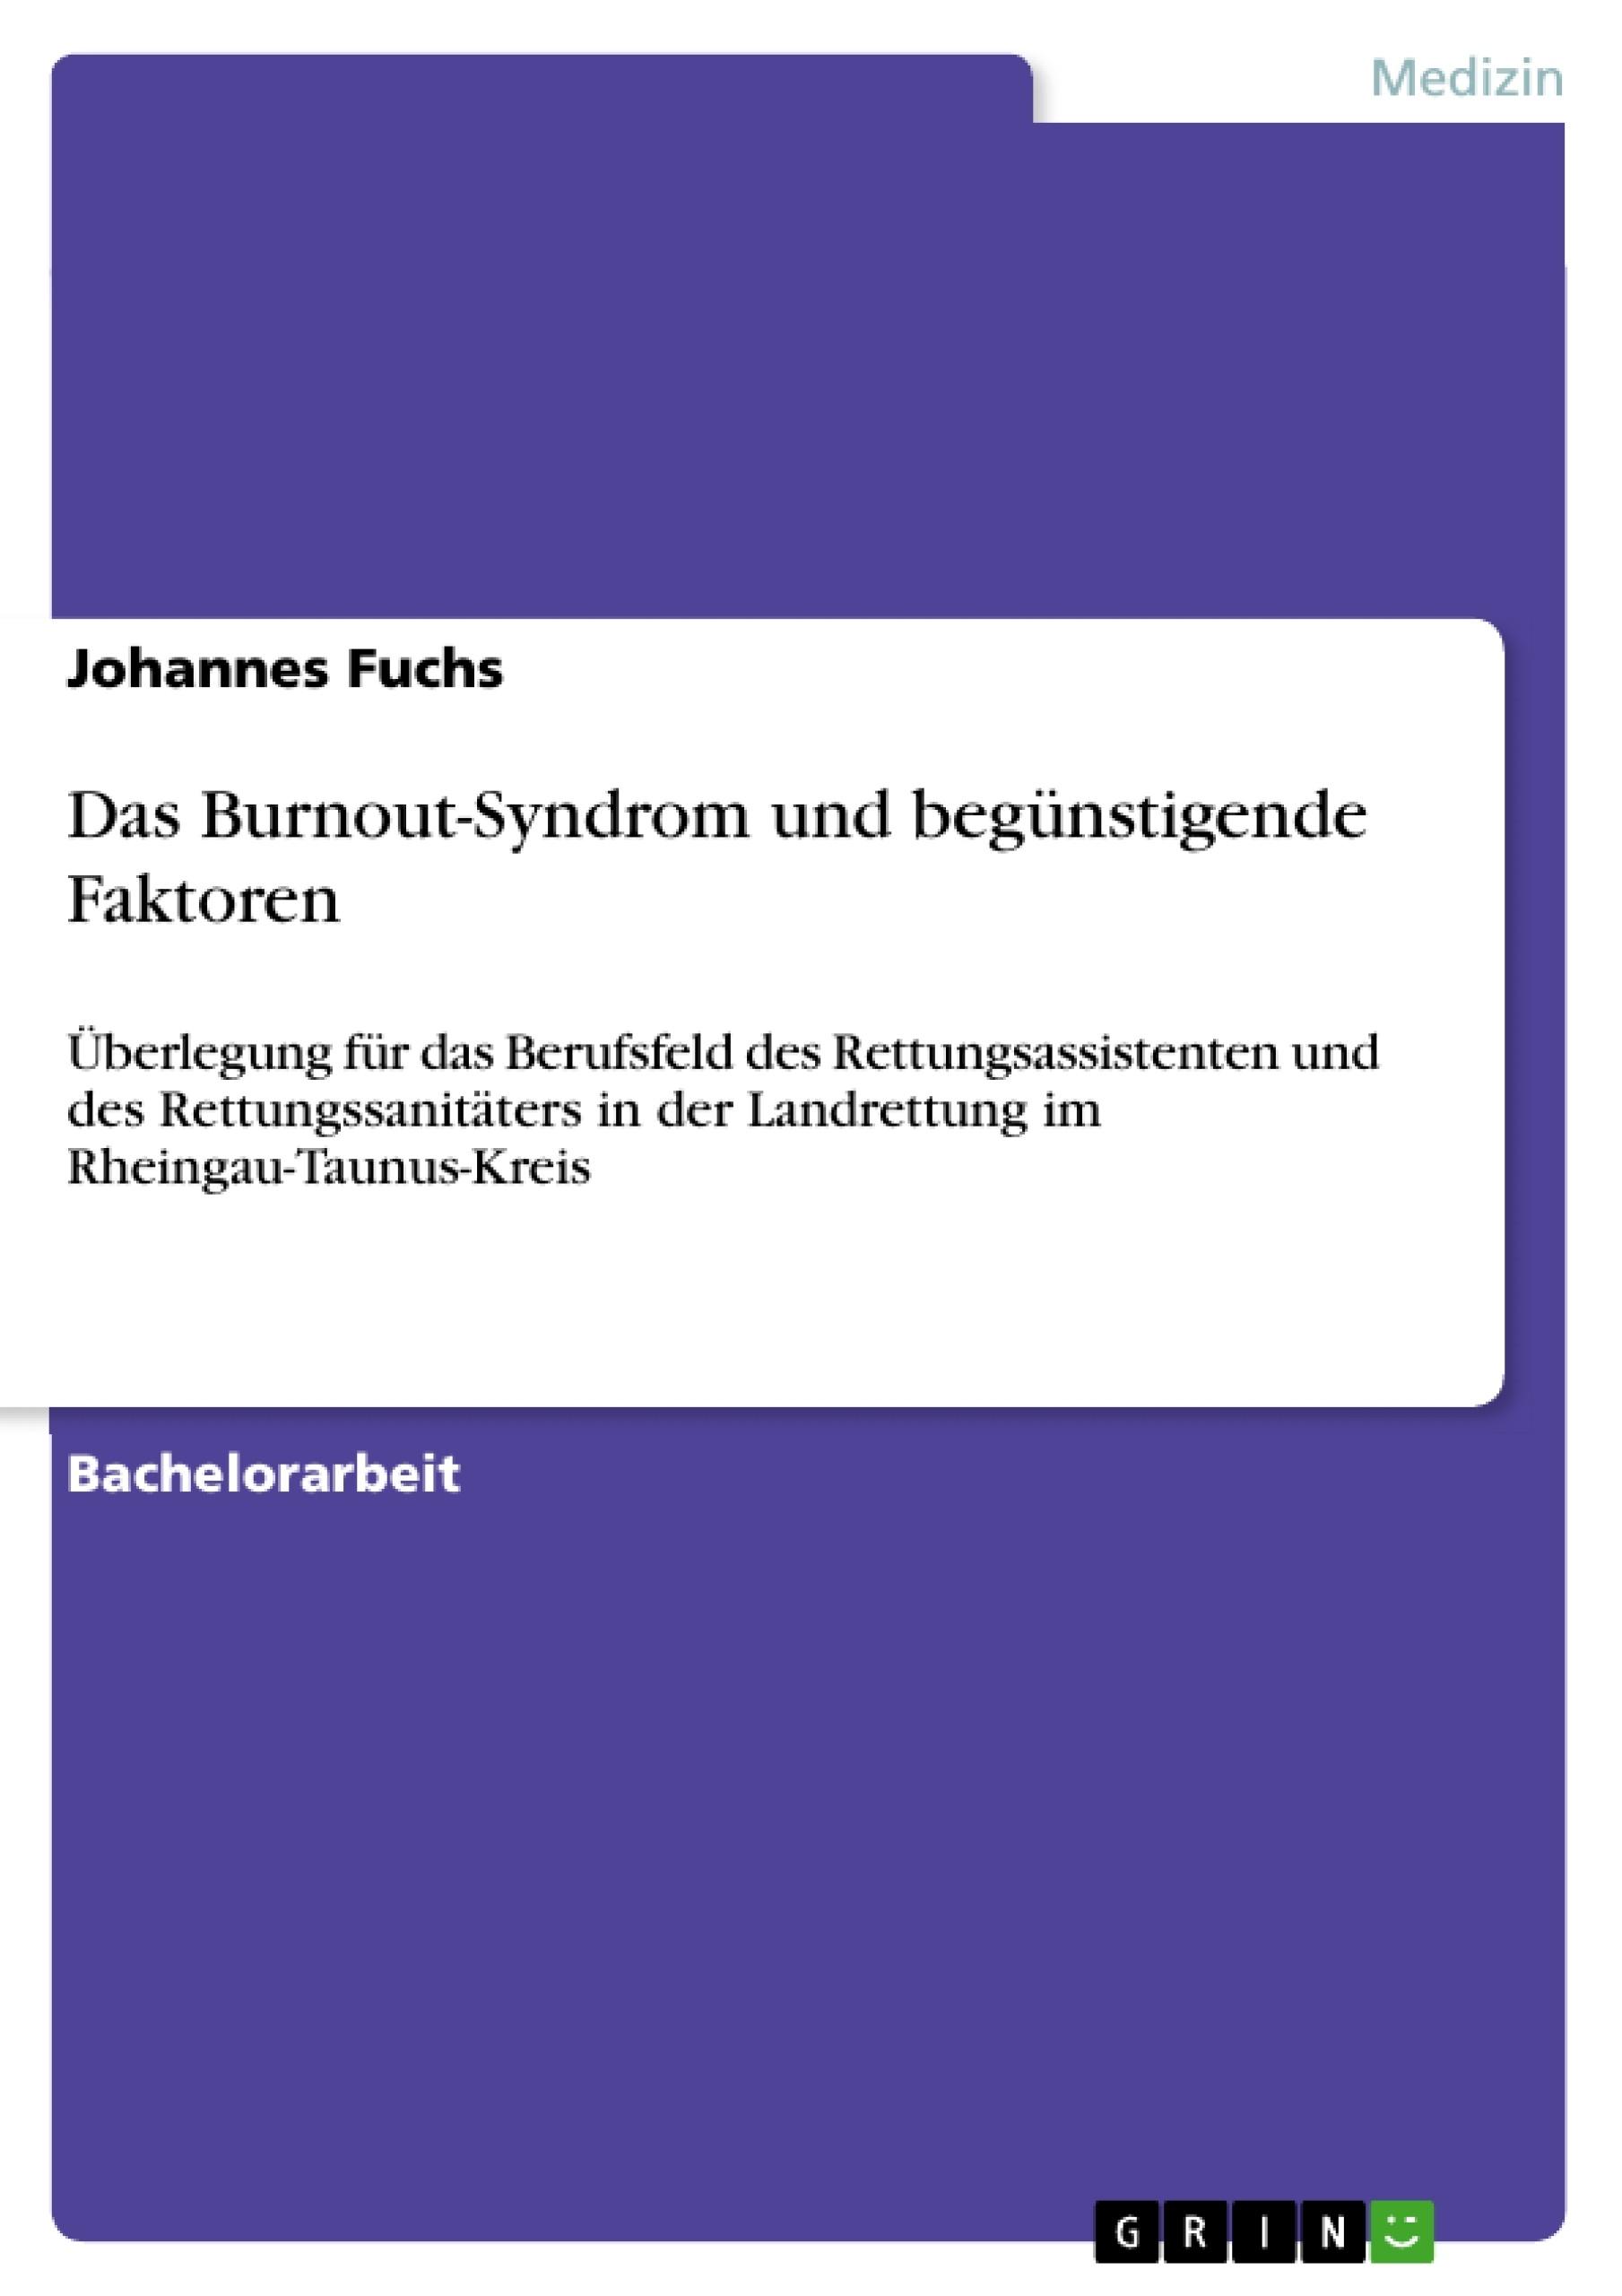 Titel: Das Burnout-Syndrom und begünstigende Faktoren